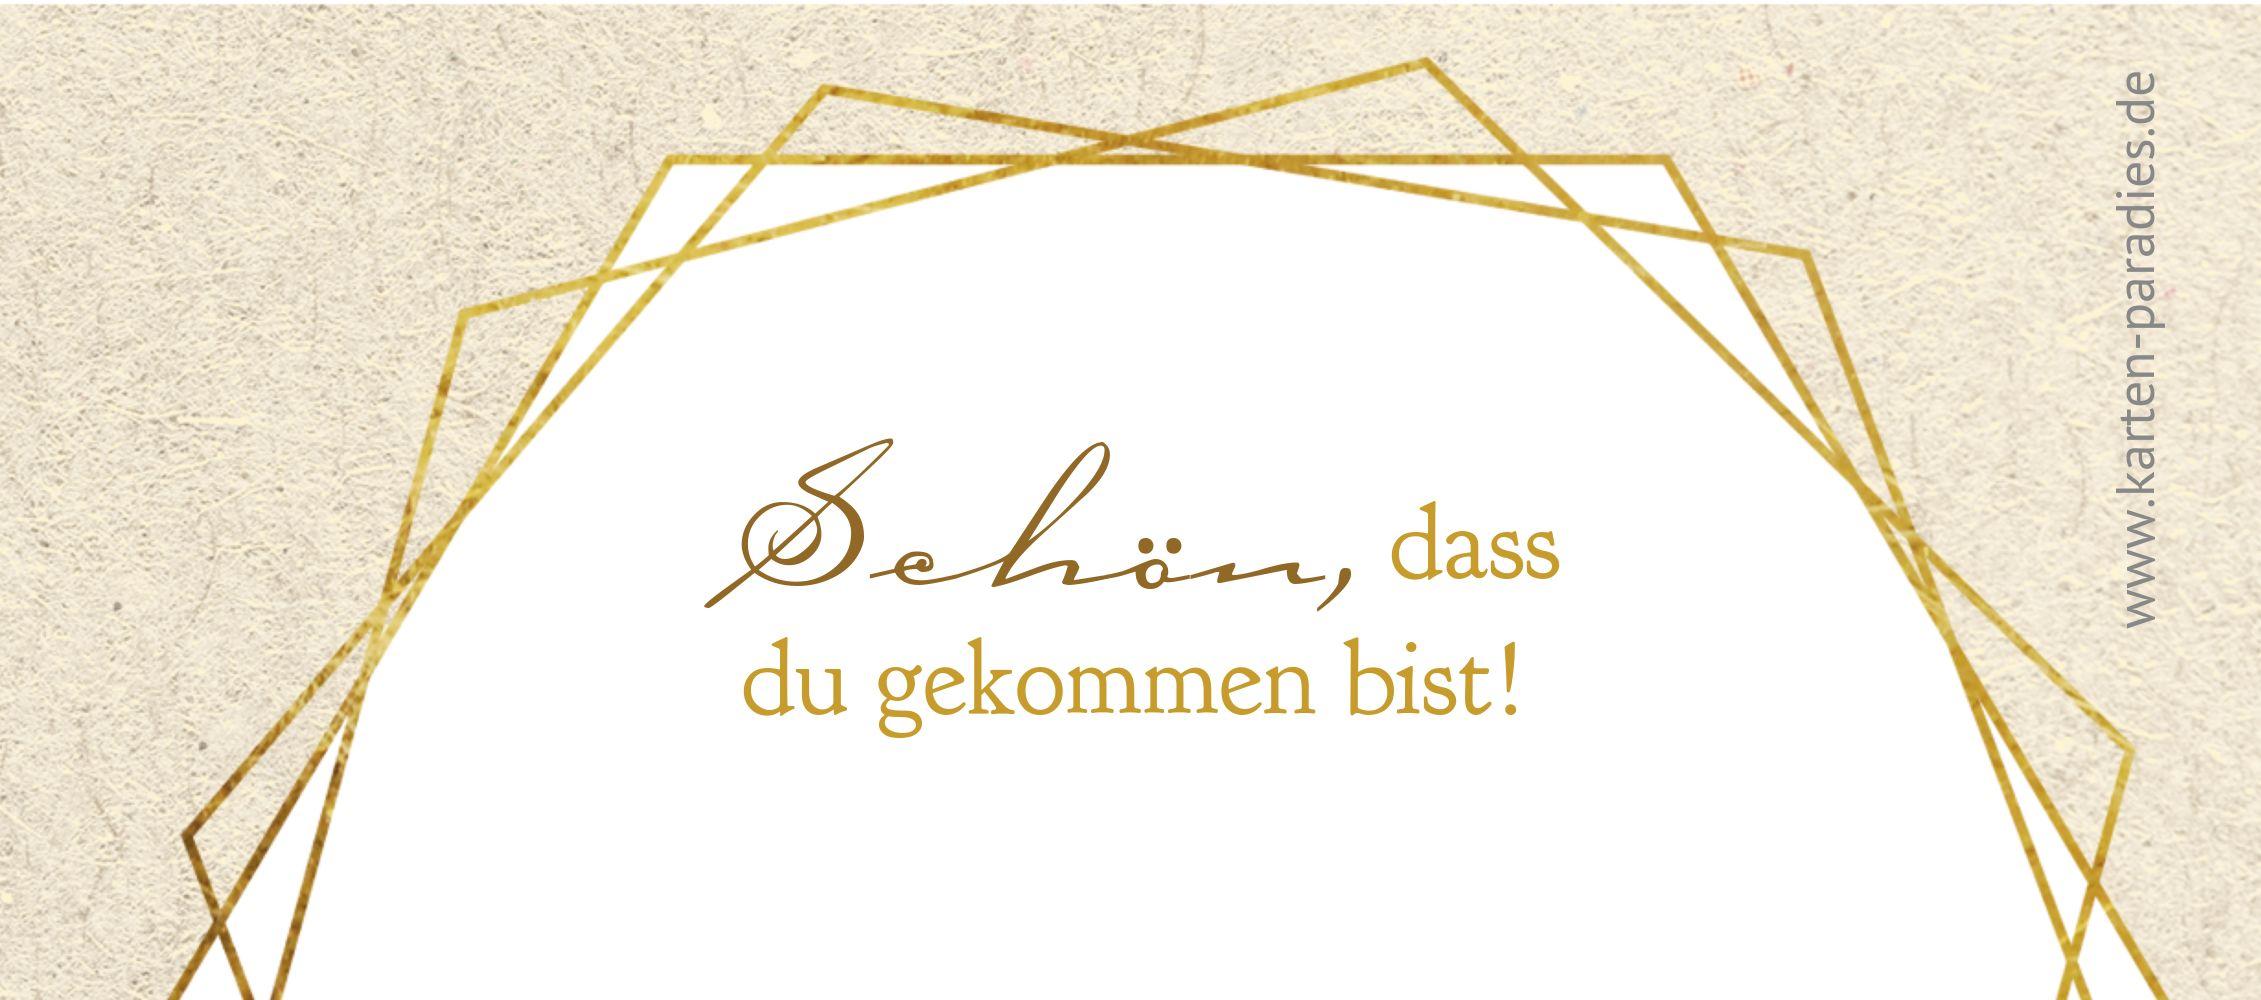 Ansicht 2 - Konfirmation Tischkarte Goldrausch